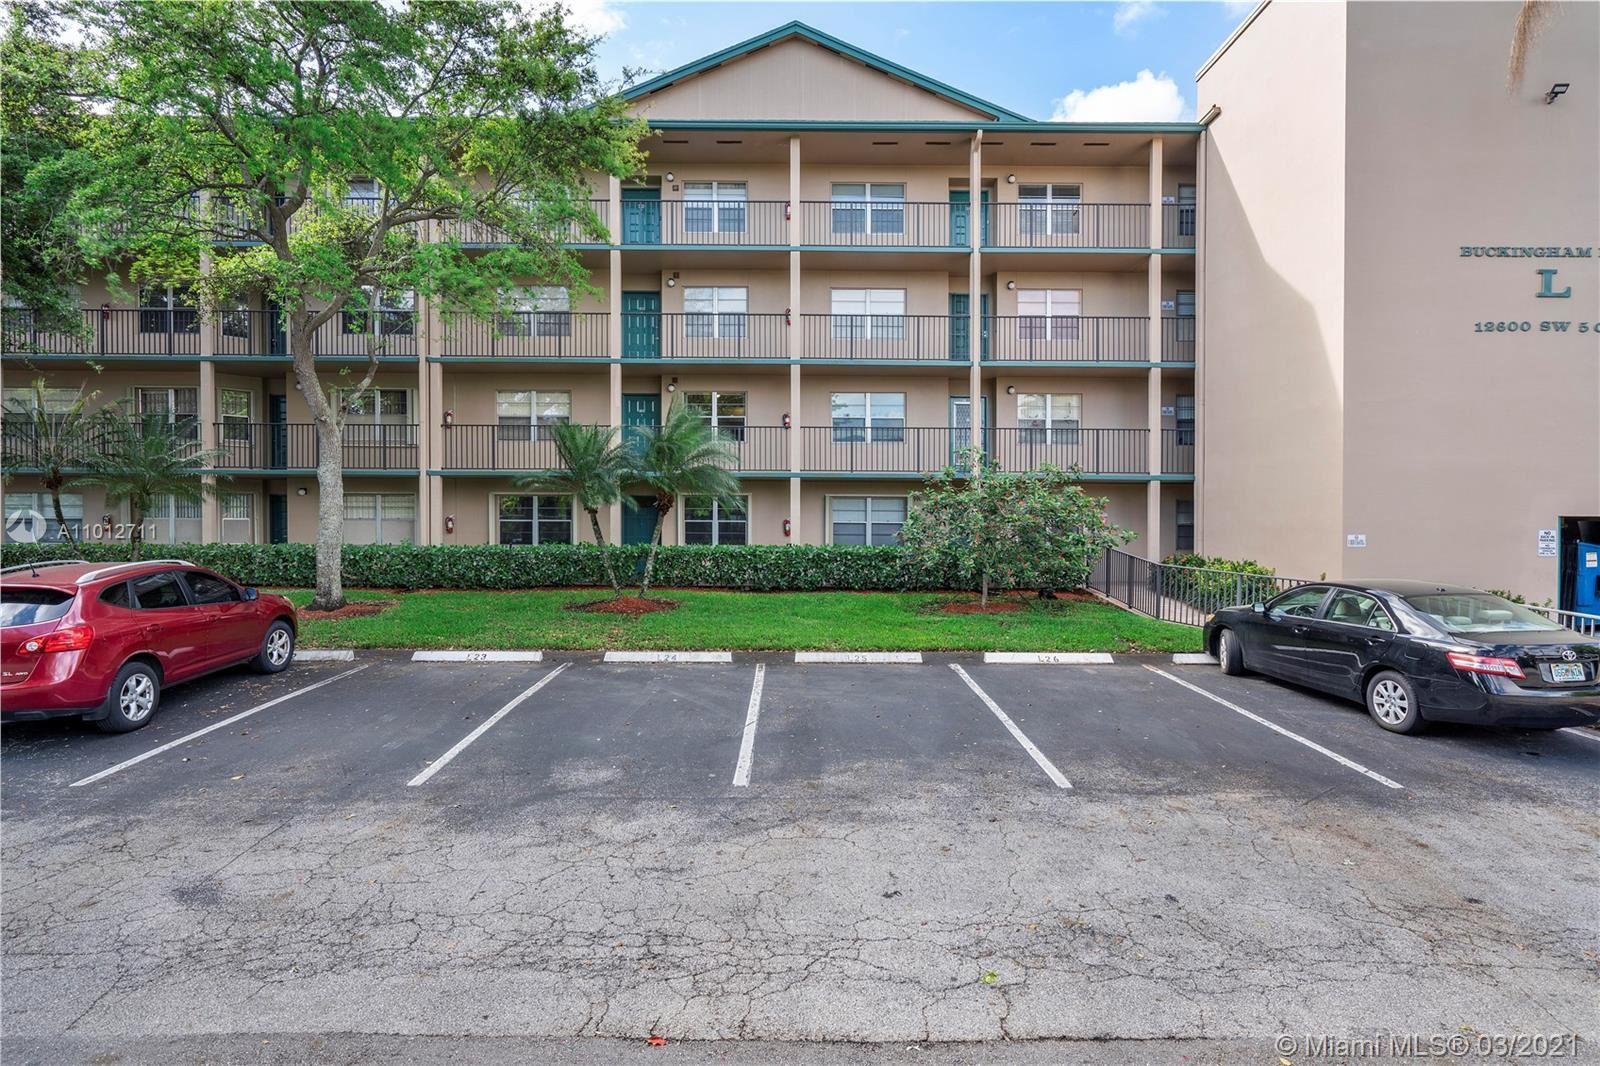 12600 SW 5th Ct #105L, Pembroke Pines, FL 33027 - #: A11012711